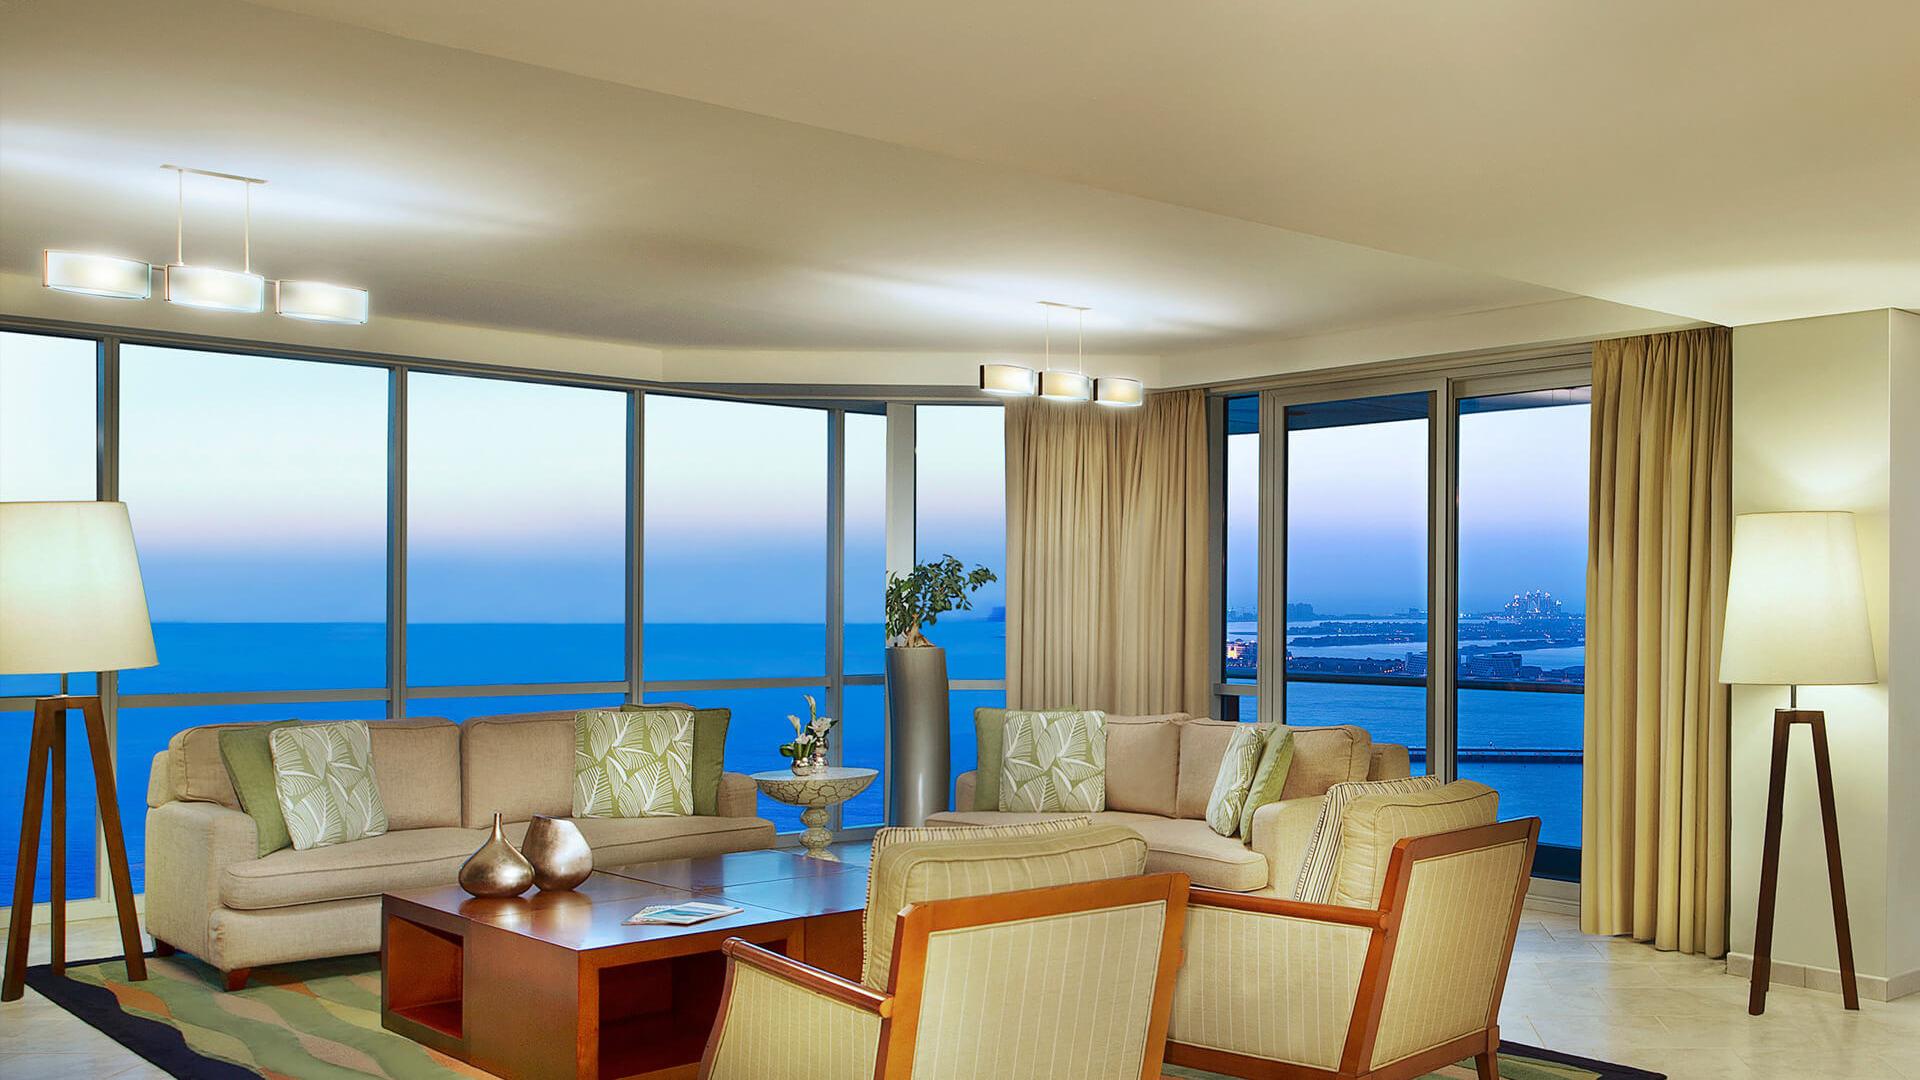 Apartamento en venta en Dubai, EAU, 1 dormitorio, 67 m2, № 23874 – foto 1